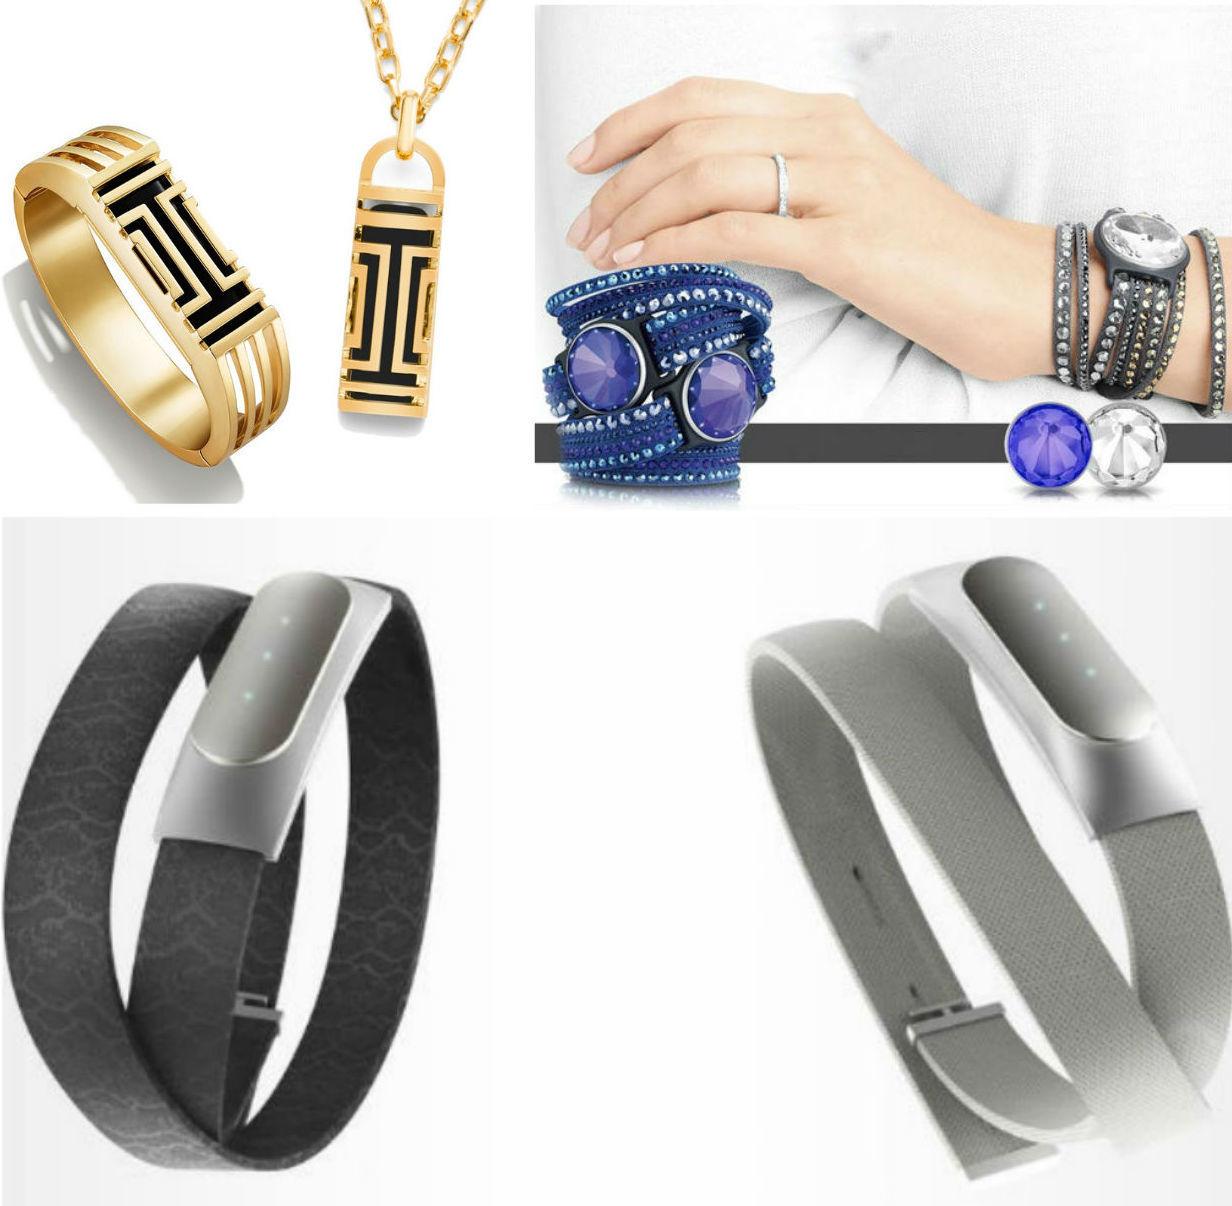 Умная бижутерия: кольца, браслеты, серьги и кулоны, которые на что-то способны - 21